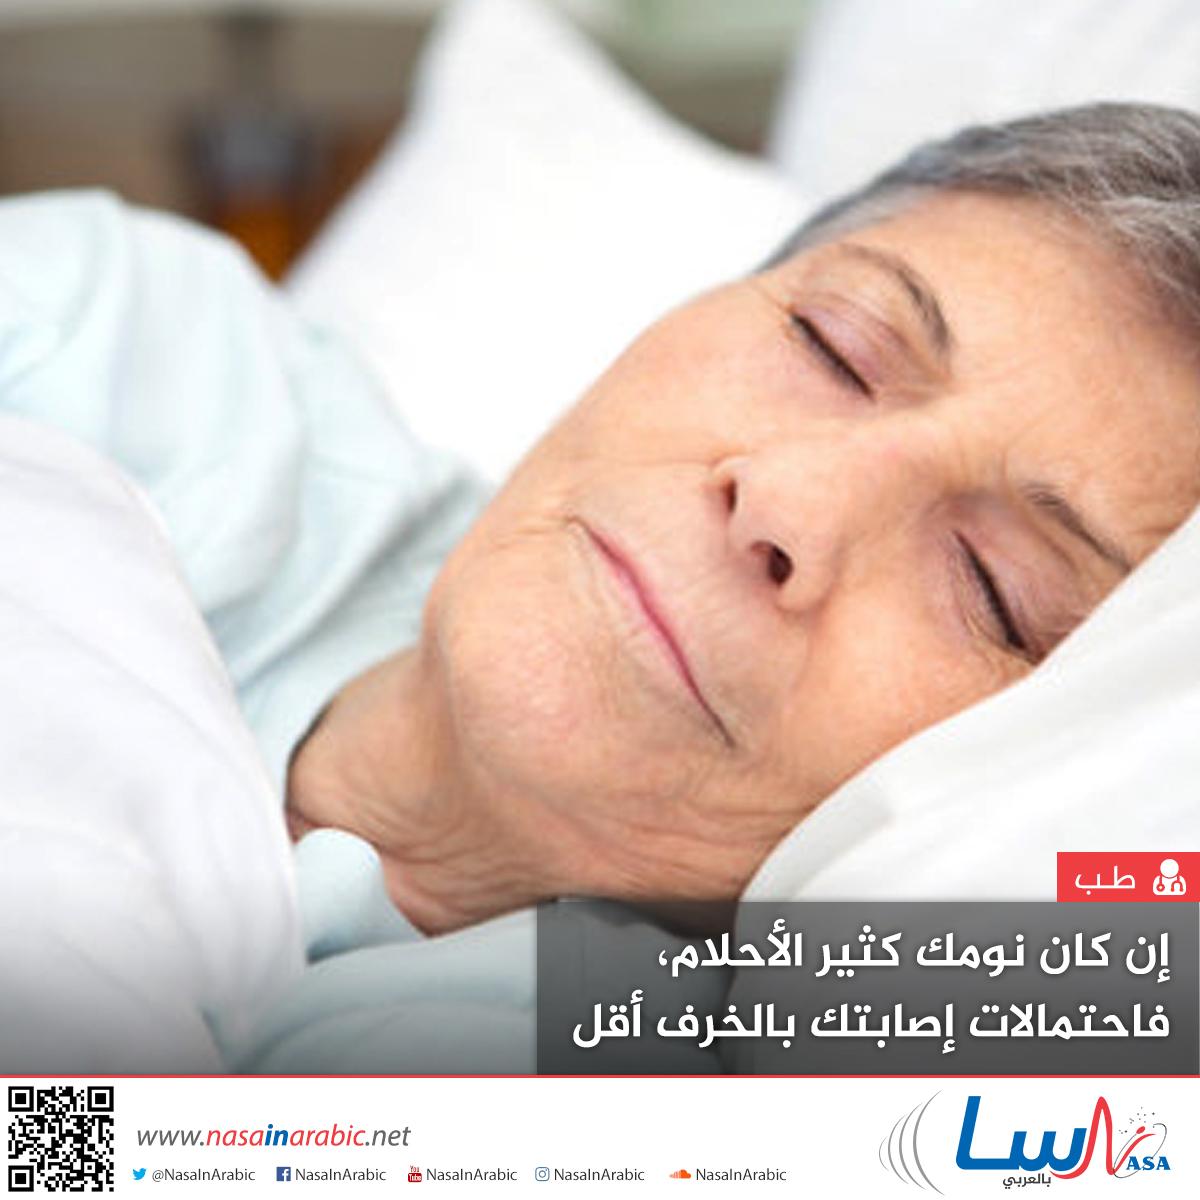 إن كان نومك كثير الأحلام، فاحتمالات إصابتك بالخرف أقل!